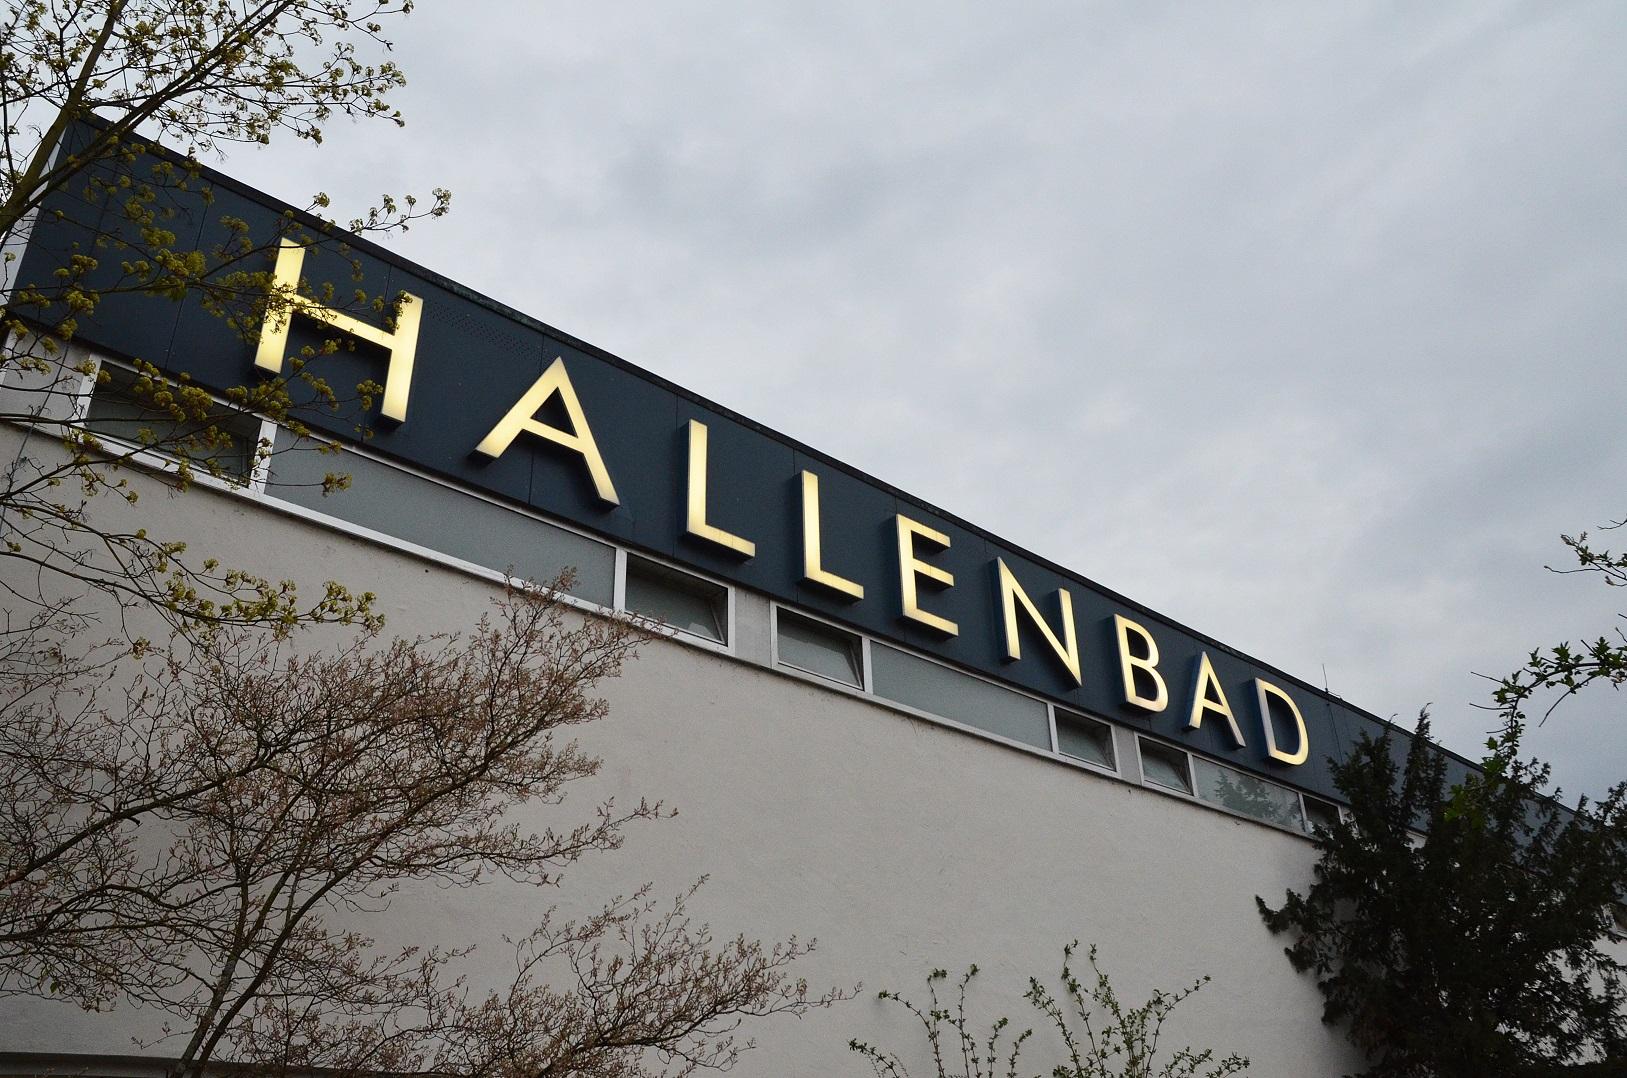 hallenbad in (31)